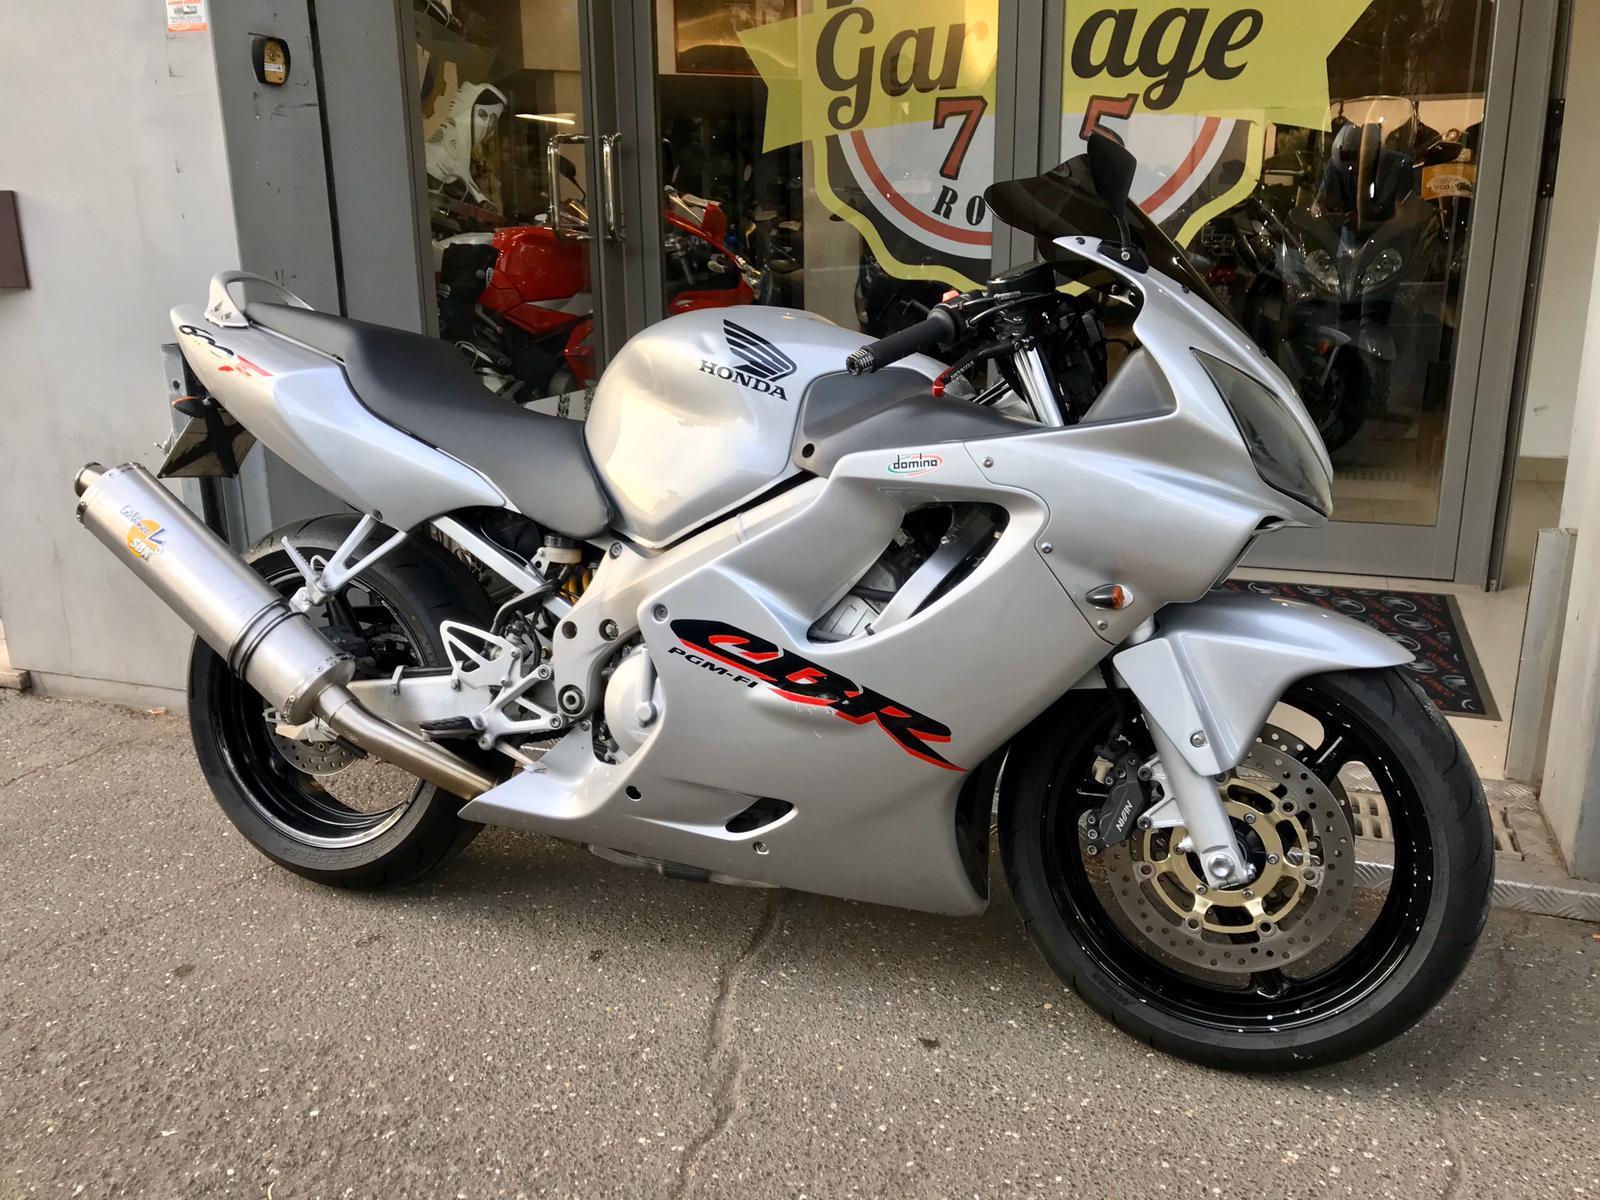 100% di alta qualità scarpe da corsa nuova versione Honda CBR 600 F - 2003 - Usata Roma - Garage 75